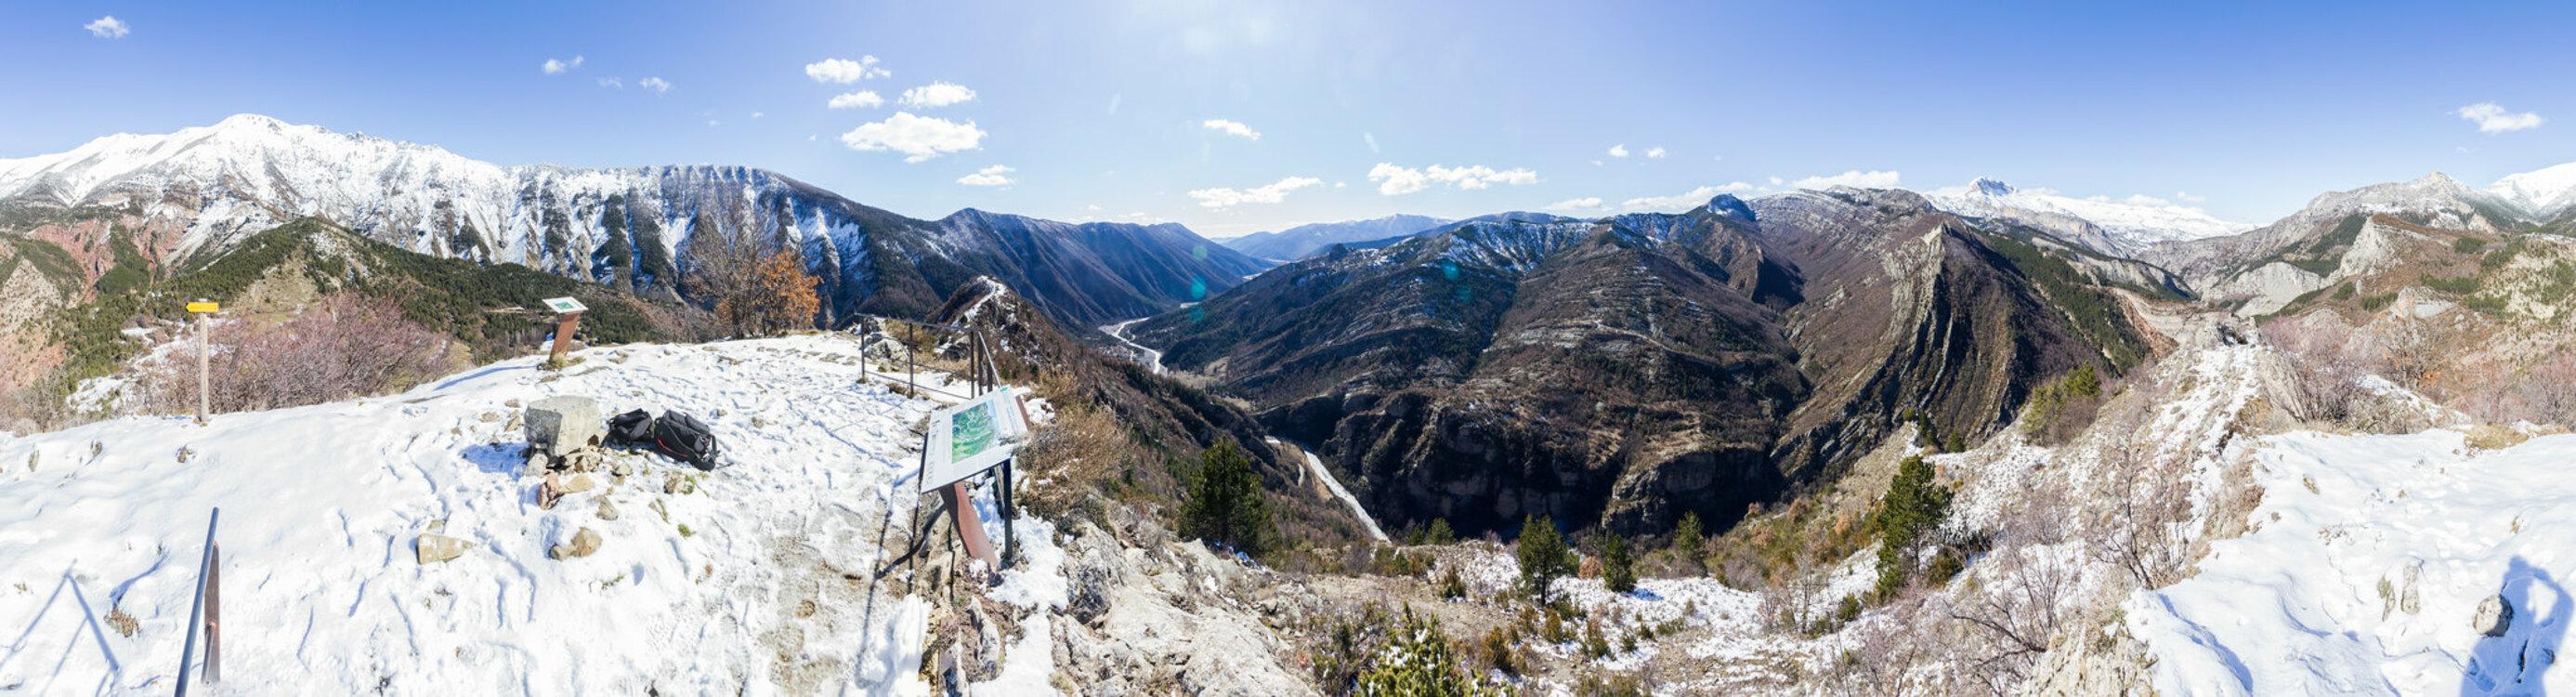 Le Vélodrome d'Esclangon : lun des plus beaux panoramas géologiques de l'UNESCO Géoparc de Haute Provence